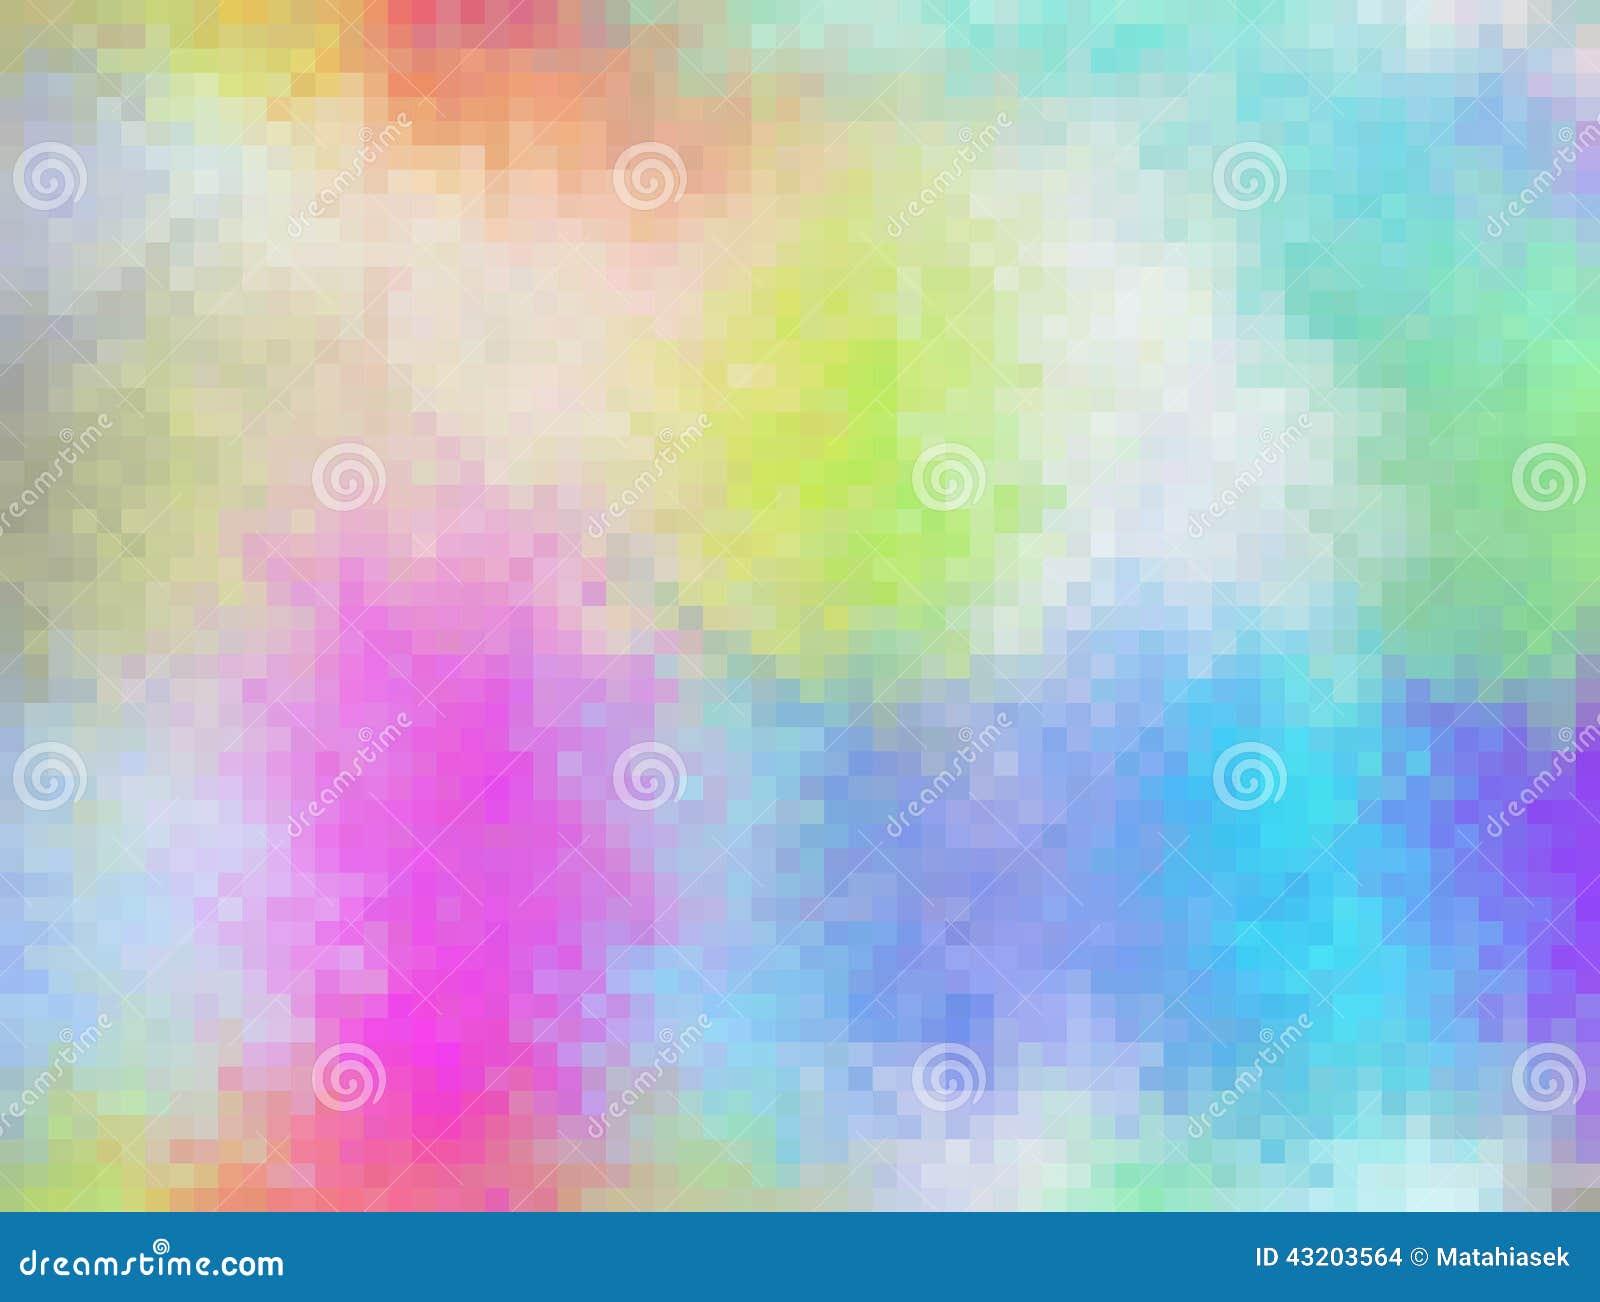 Download Abstrakt Färgglad Mosaik-pixelatedbakgrund Stock Illustrationer - Illustration av kvinnligt, begrepp: 43203564